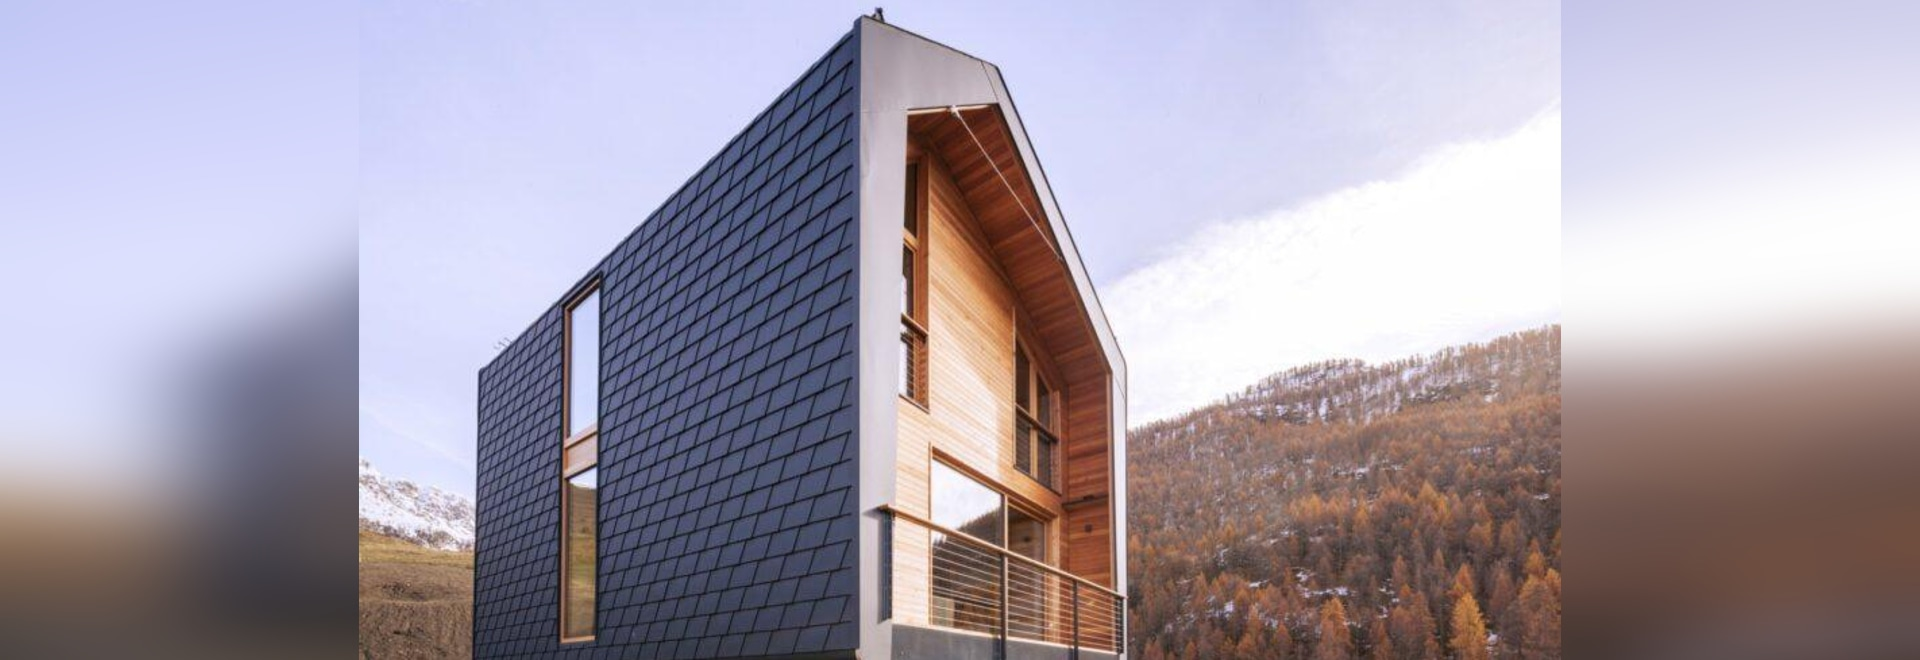 Il moderno rifugio prefabbricato in Italia offre una vista panoramica sulle Alpi